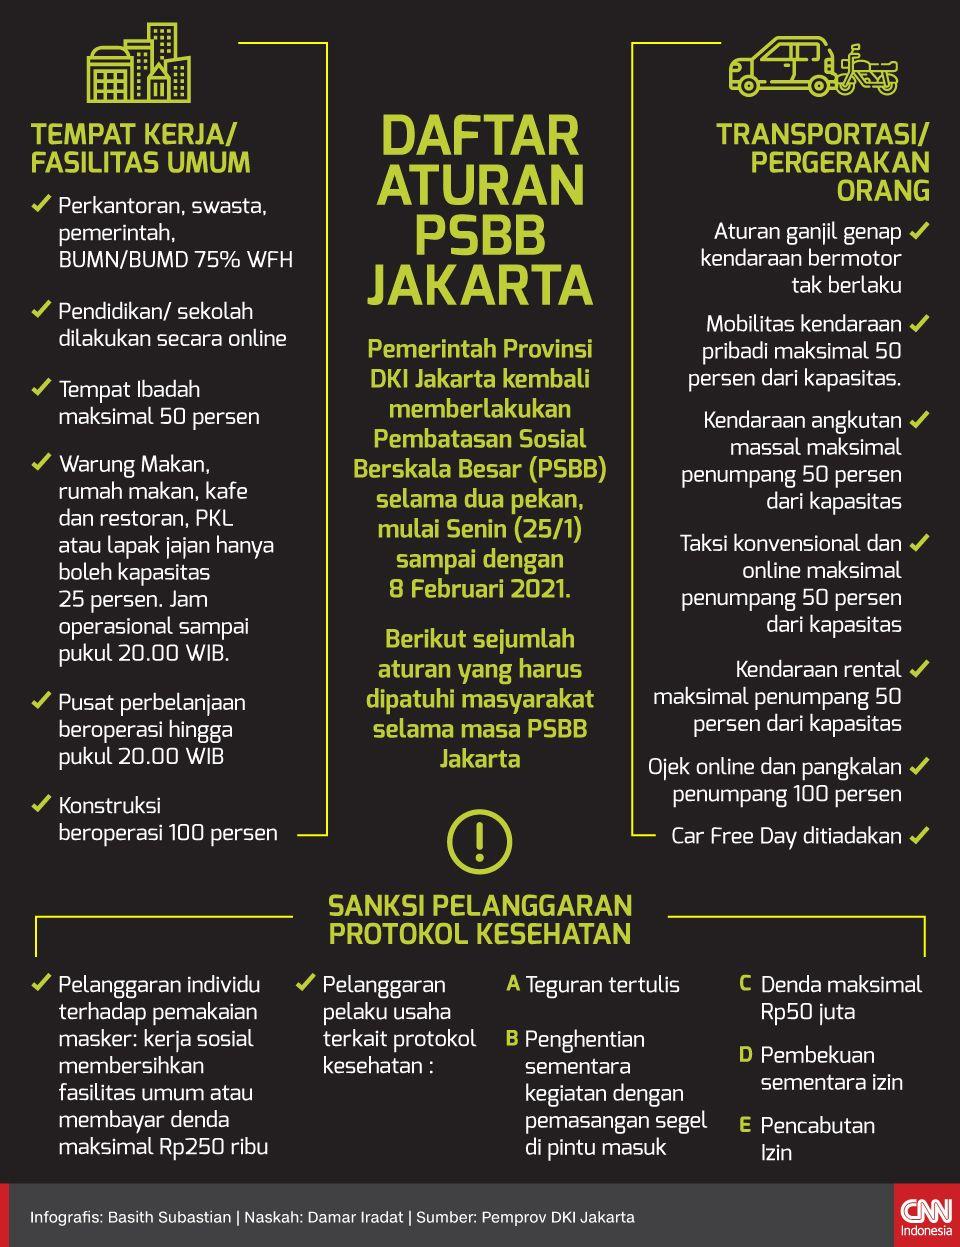 Infografis - DAFTAR ATURAN PSBB JAKARTA